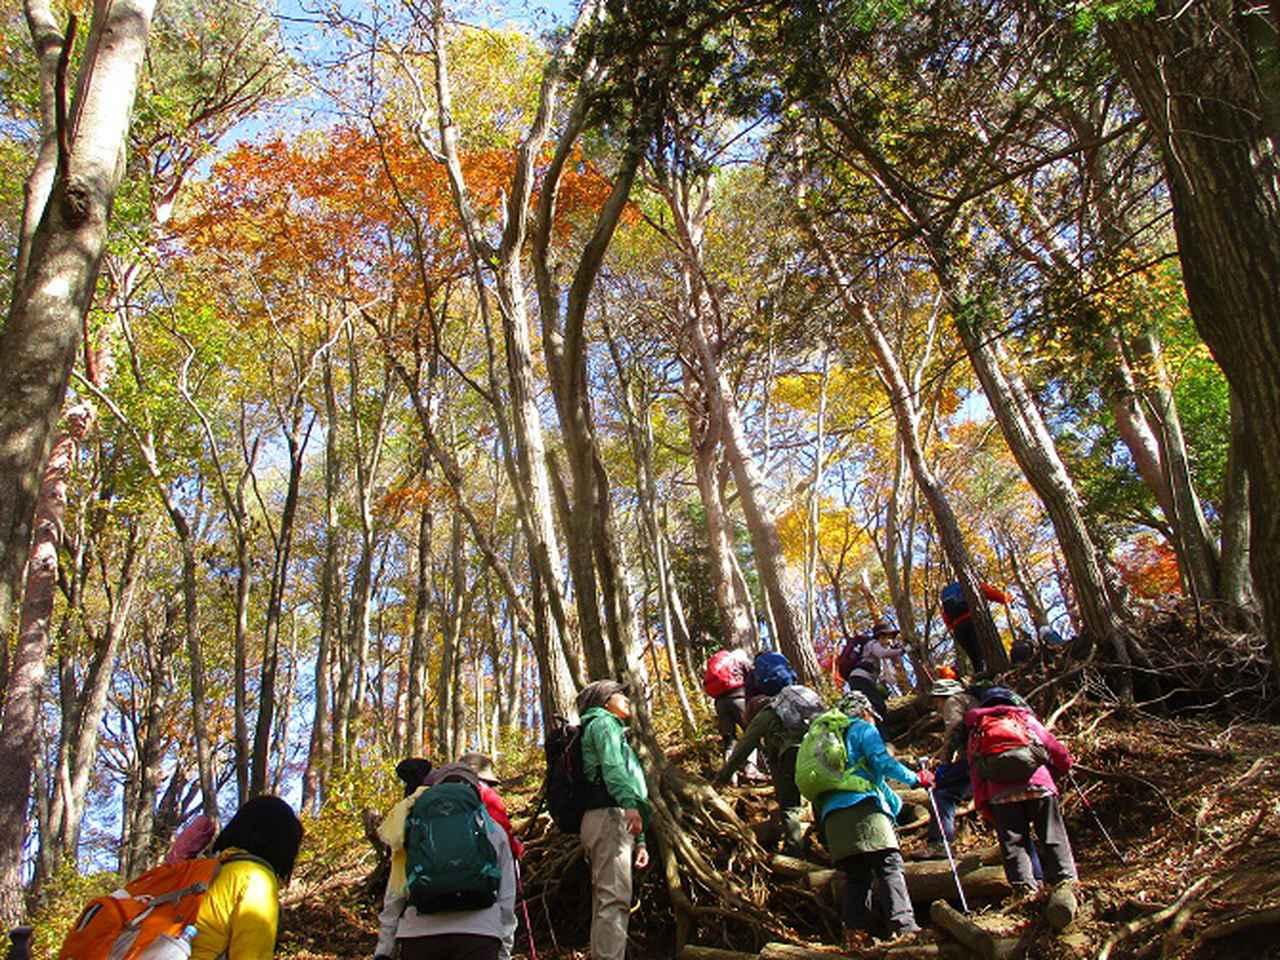 画像7: 岡田ガイドのハイキングコースで 青木ケ原樹海と三湖台 のコースに行ってきました♪